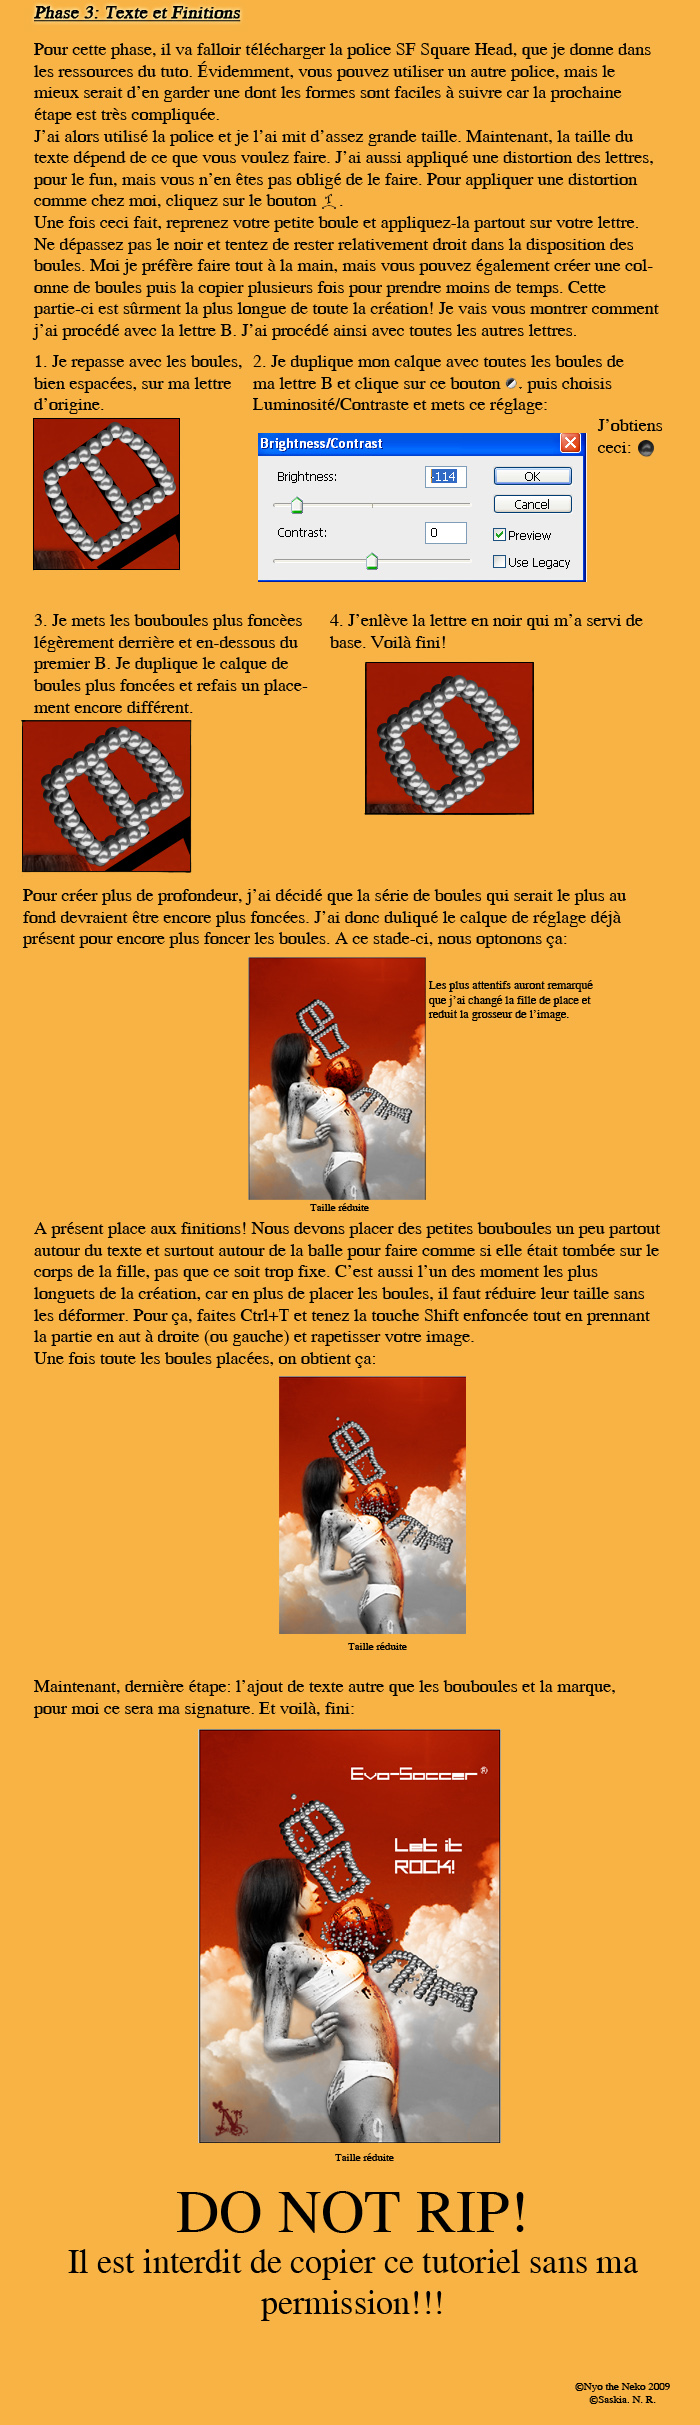 Tag photoshop sur Never Utopia - graphisme, codage et game design 584376Image3